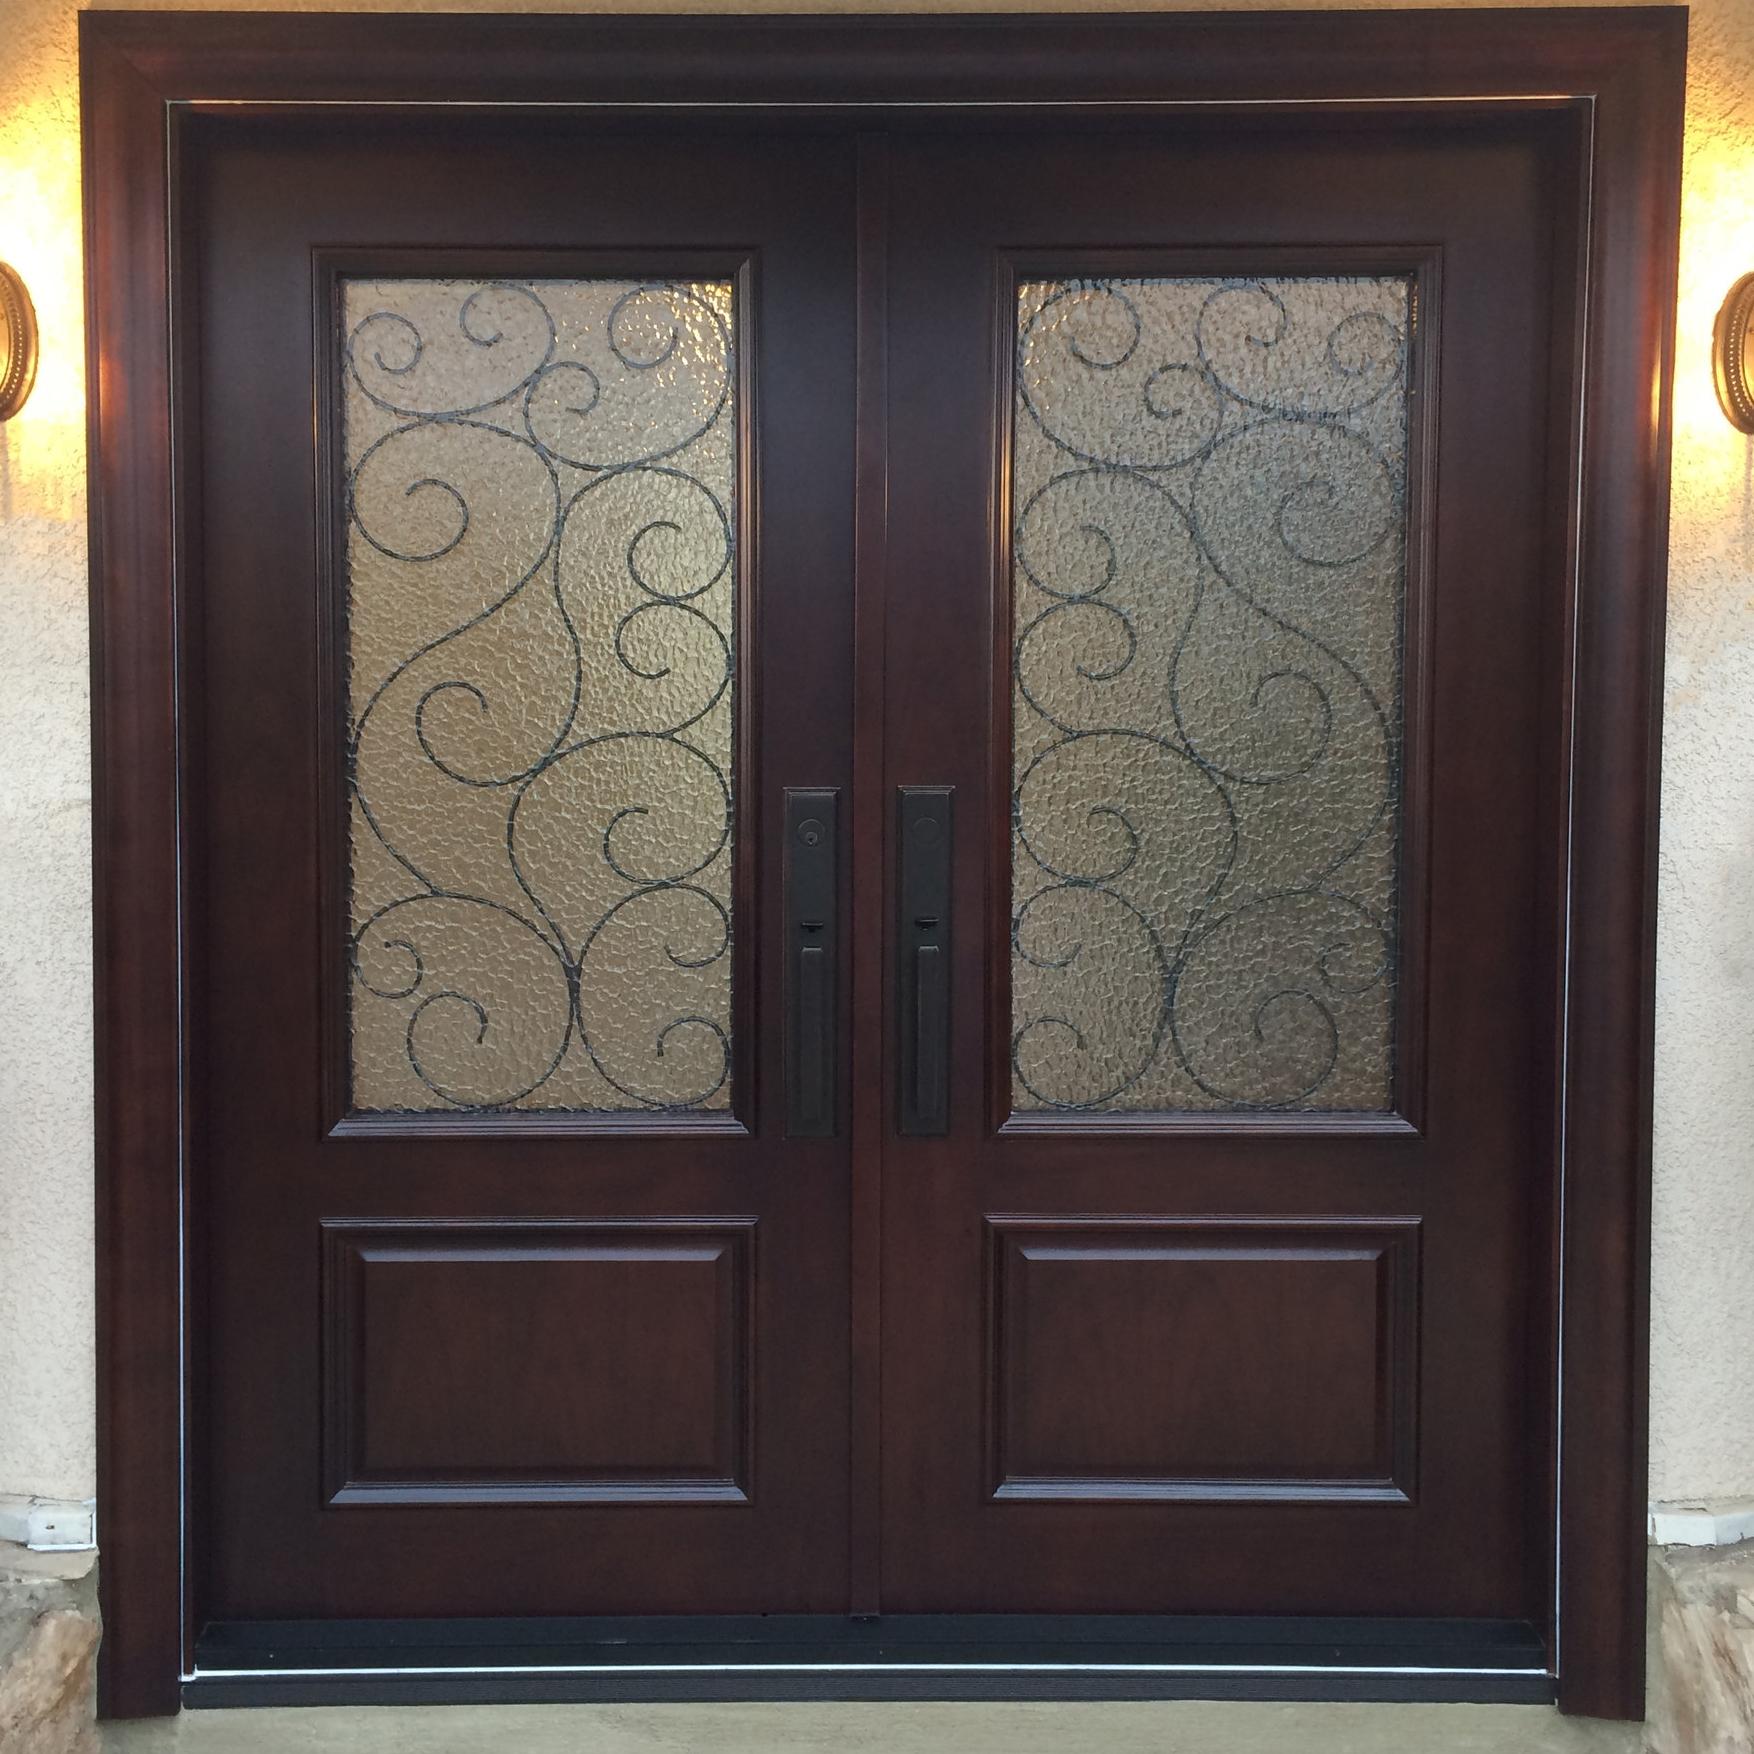 Naples Door Gallery   In stock - starting at $3,699